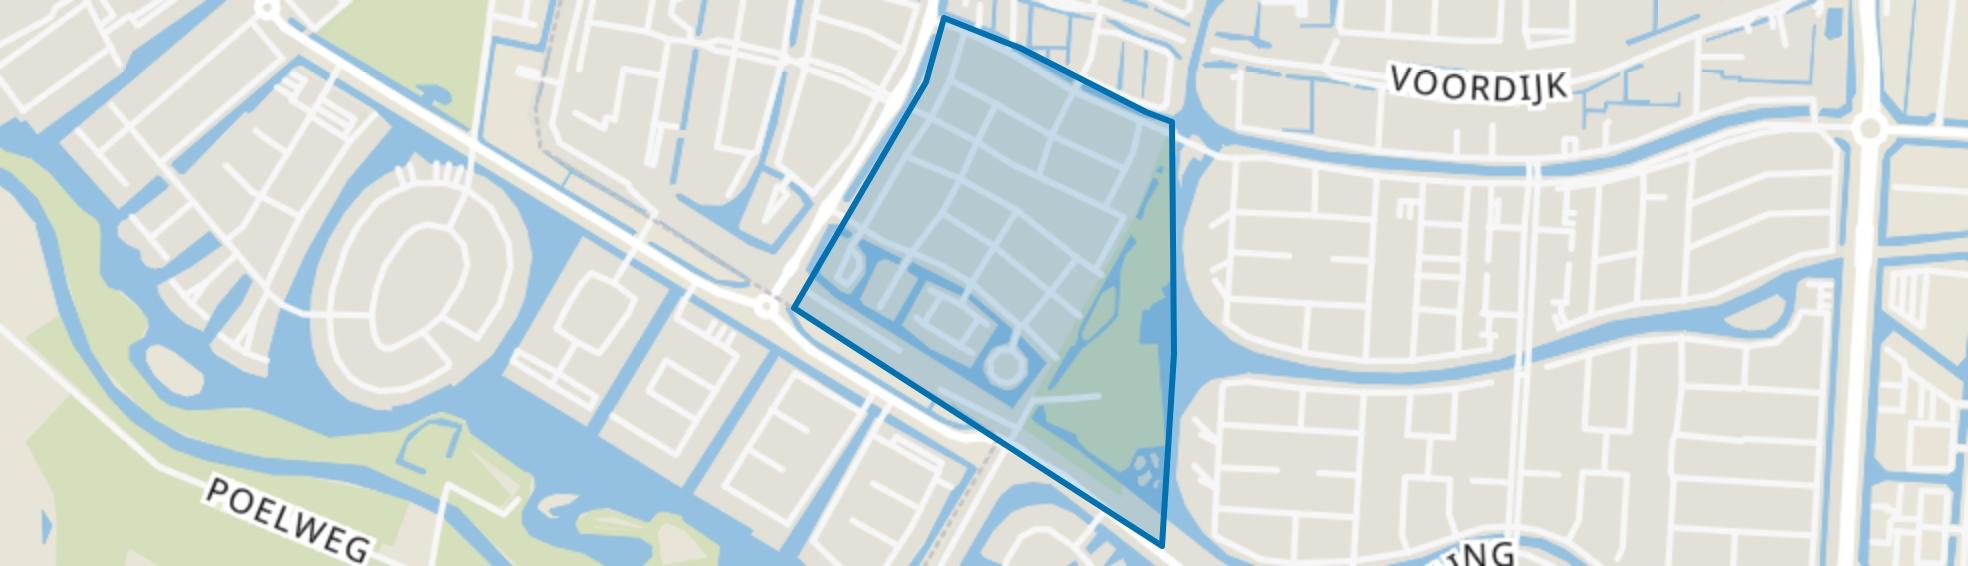 Riederhoek, Barendrecht map